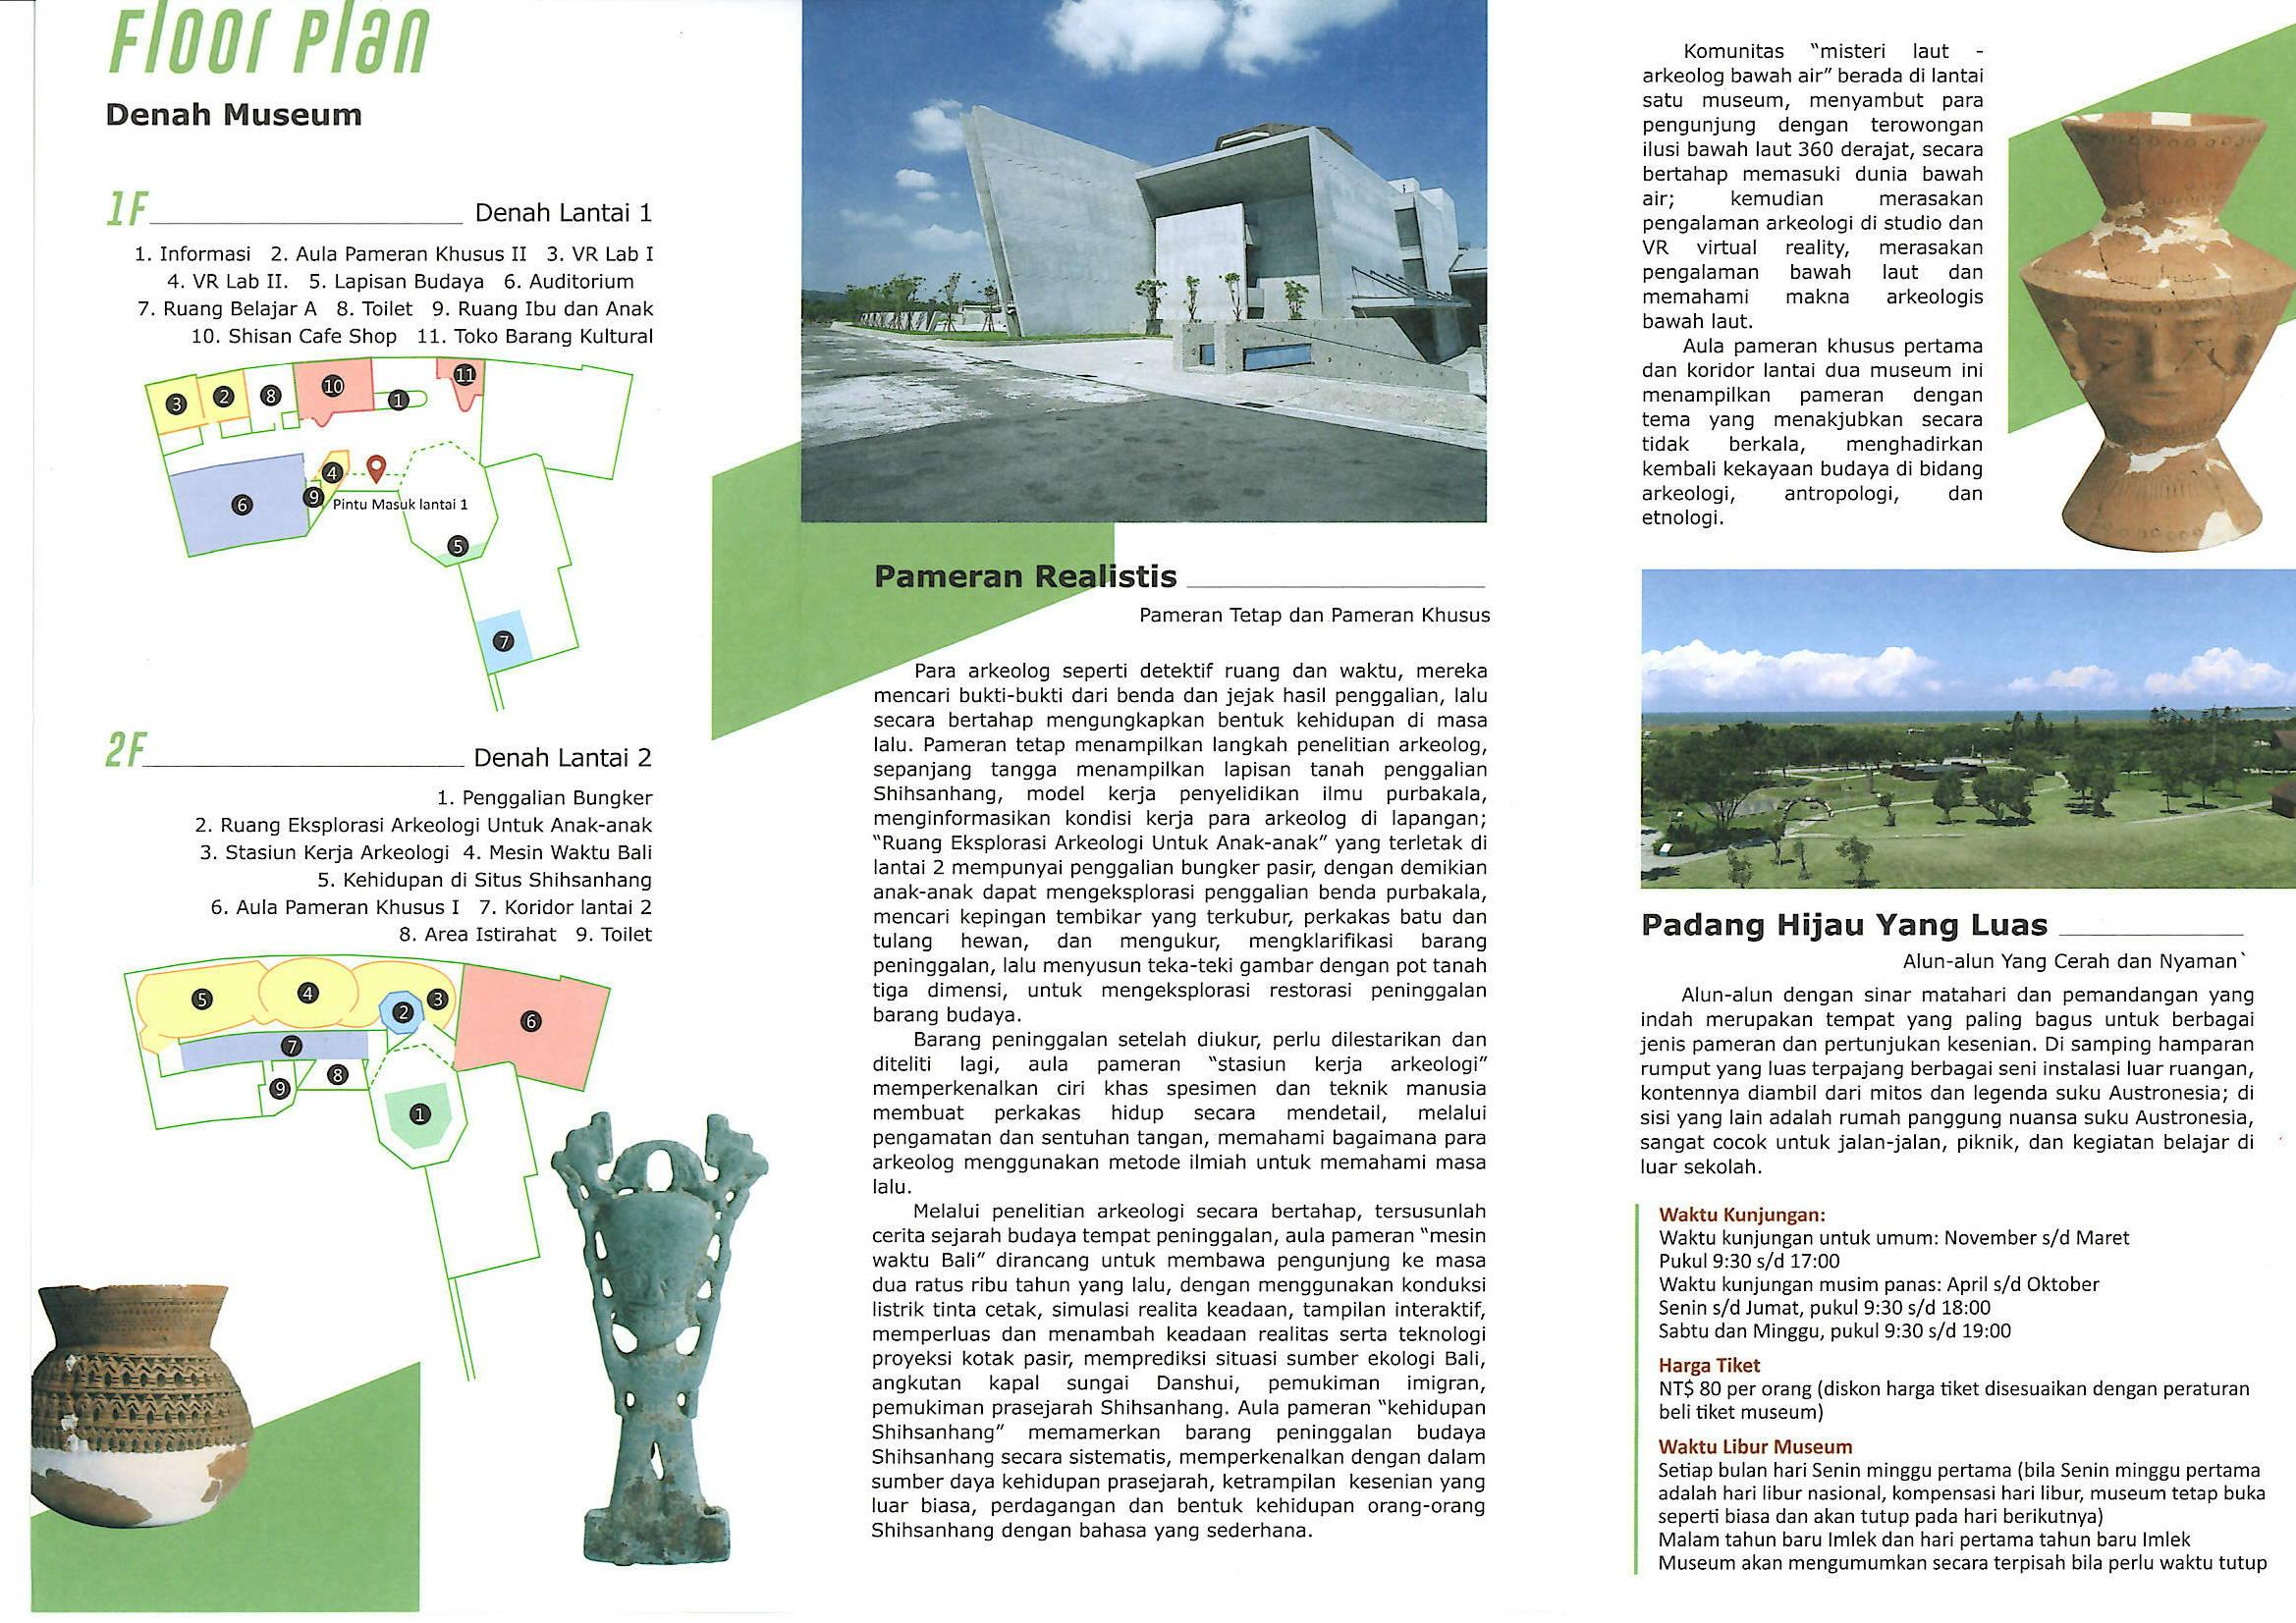 新北市立十三行博物館簡介摺頁印尼文版-反面